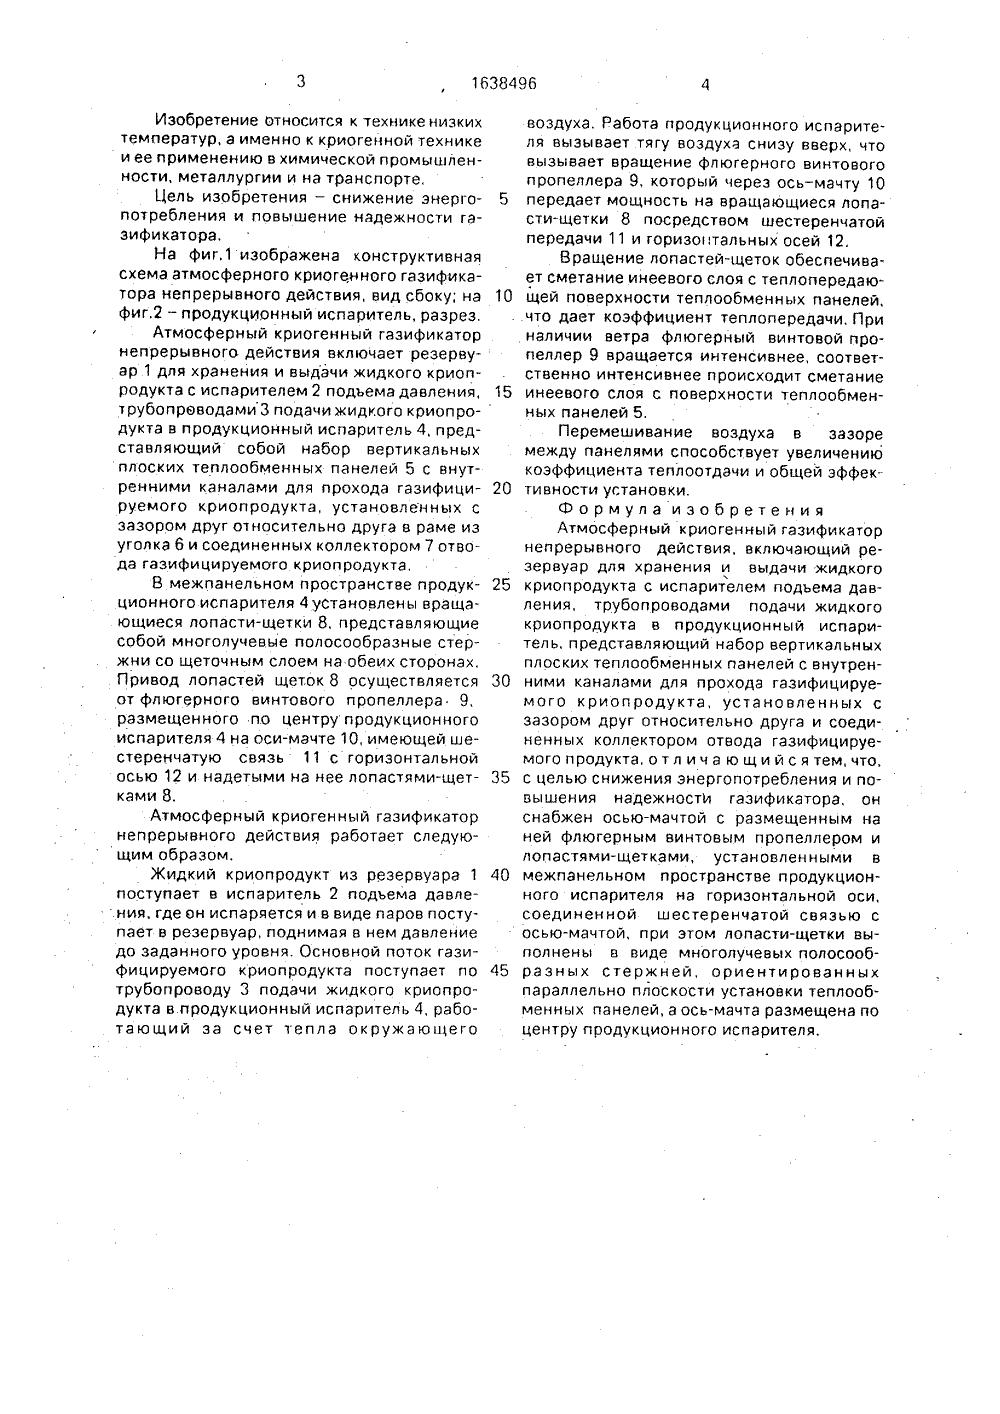 схема криогенного газификатора